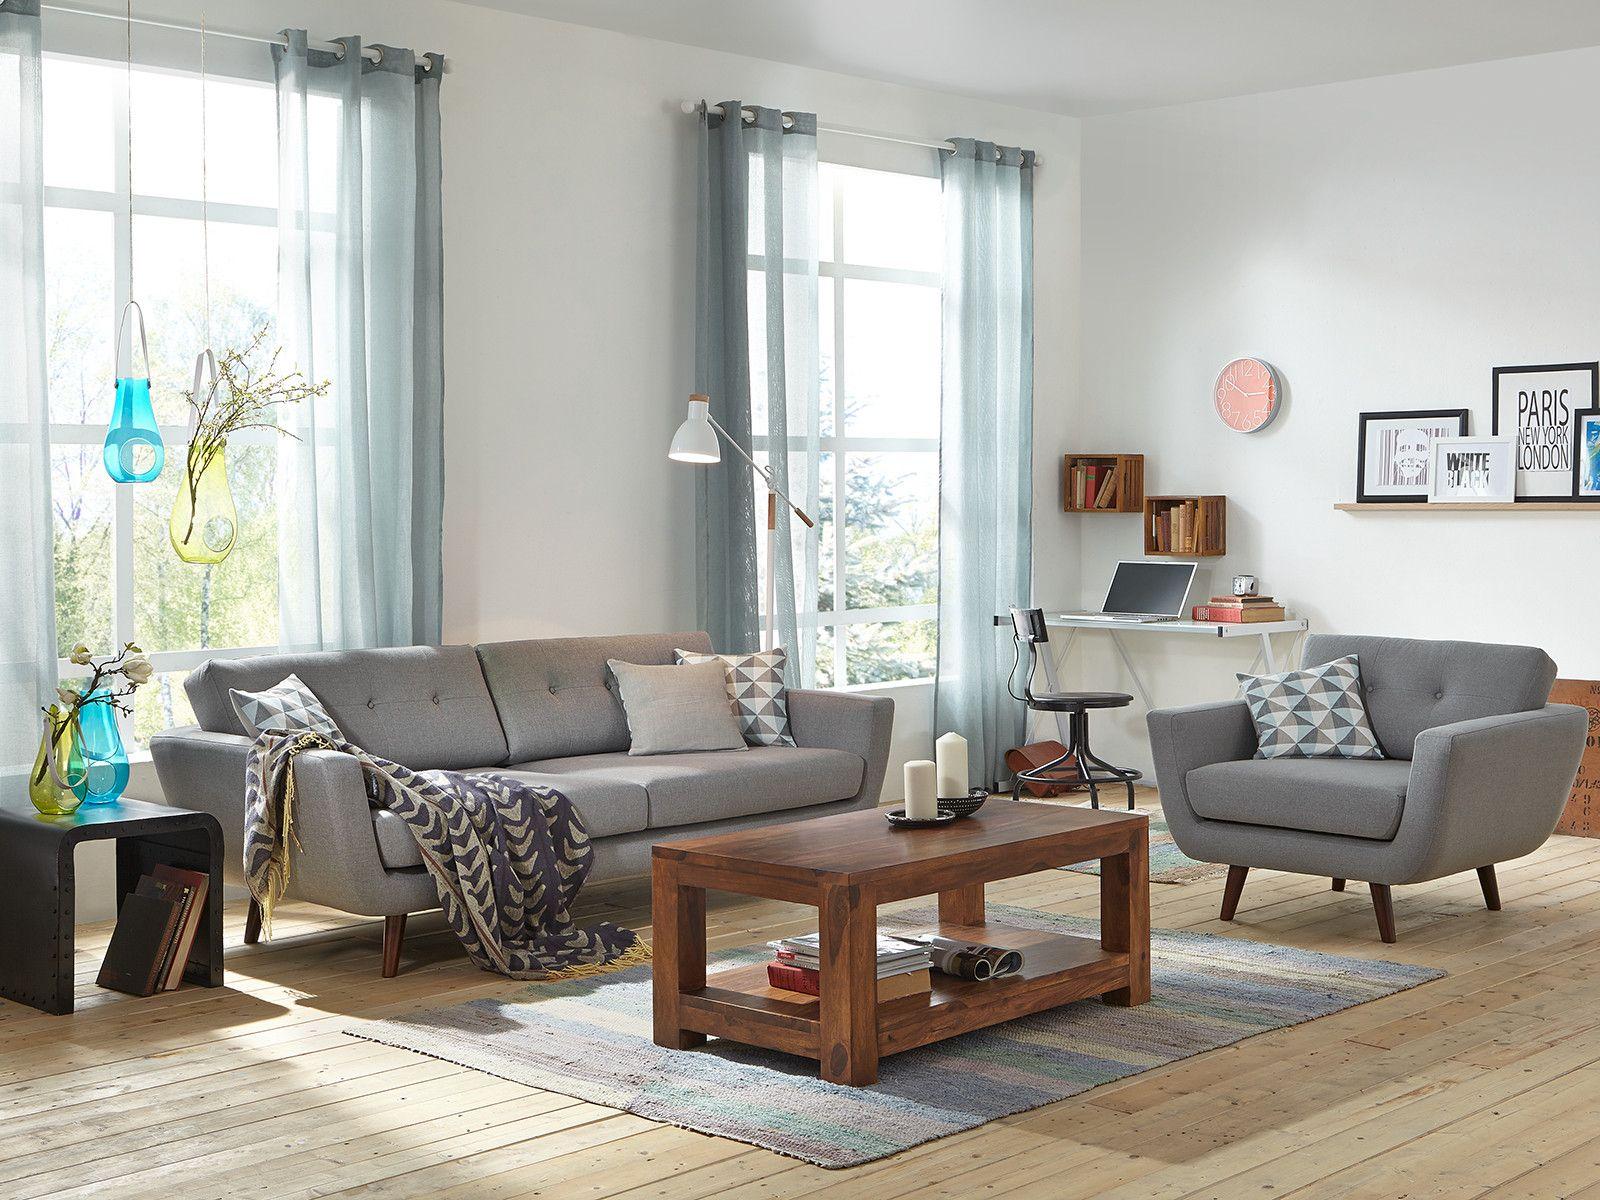 sofa vor fenster google suche wohnzimmer pinterest. Black Bedroom Furniture Sets. Home Design Ideas